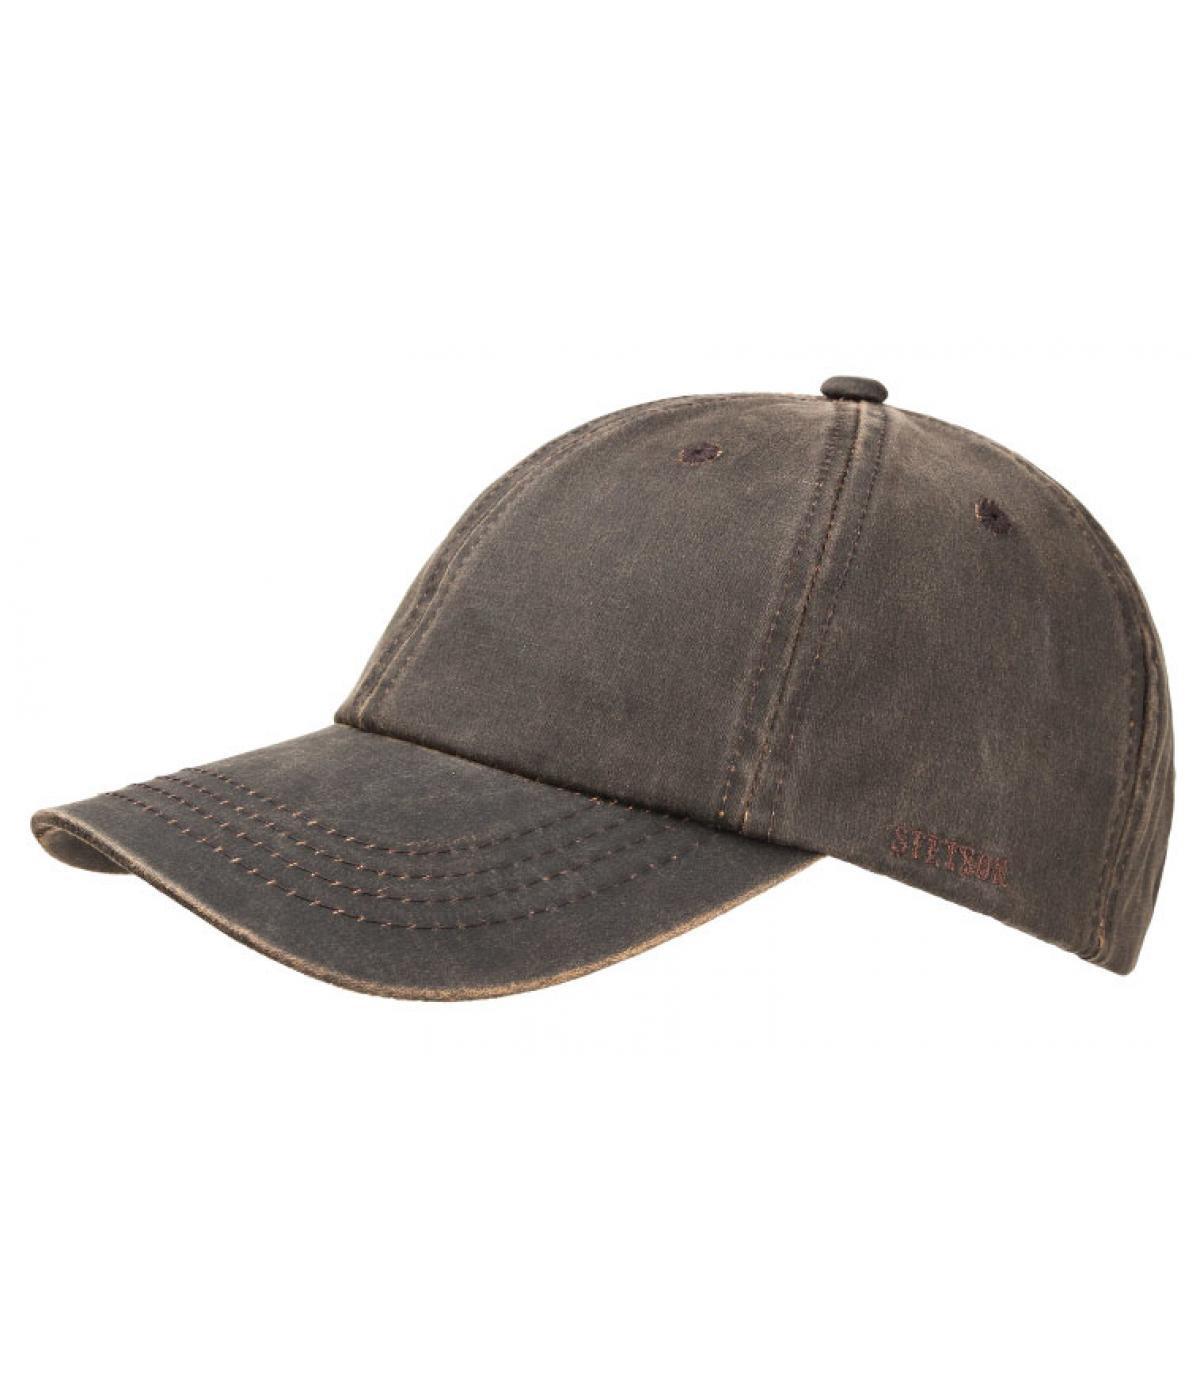 b080939ee86 Stetson. Vintage cotton baseball cap. Détails California lined brown -  image 3  Détails California lined brown - image ...